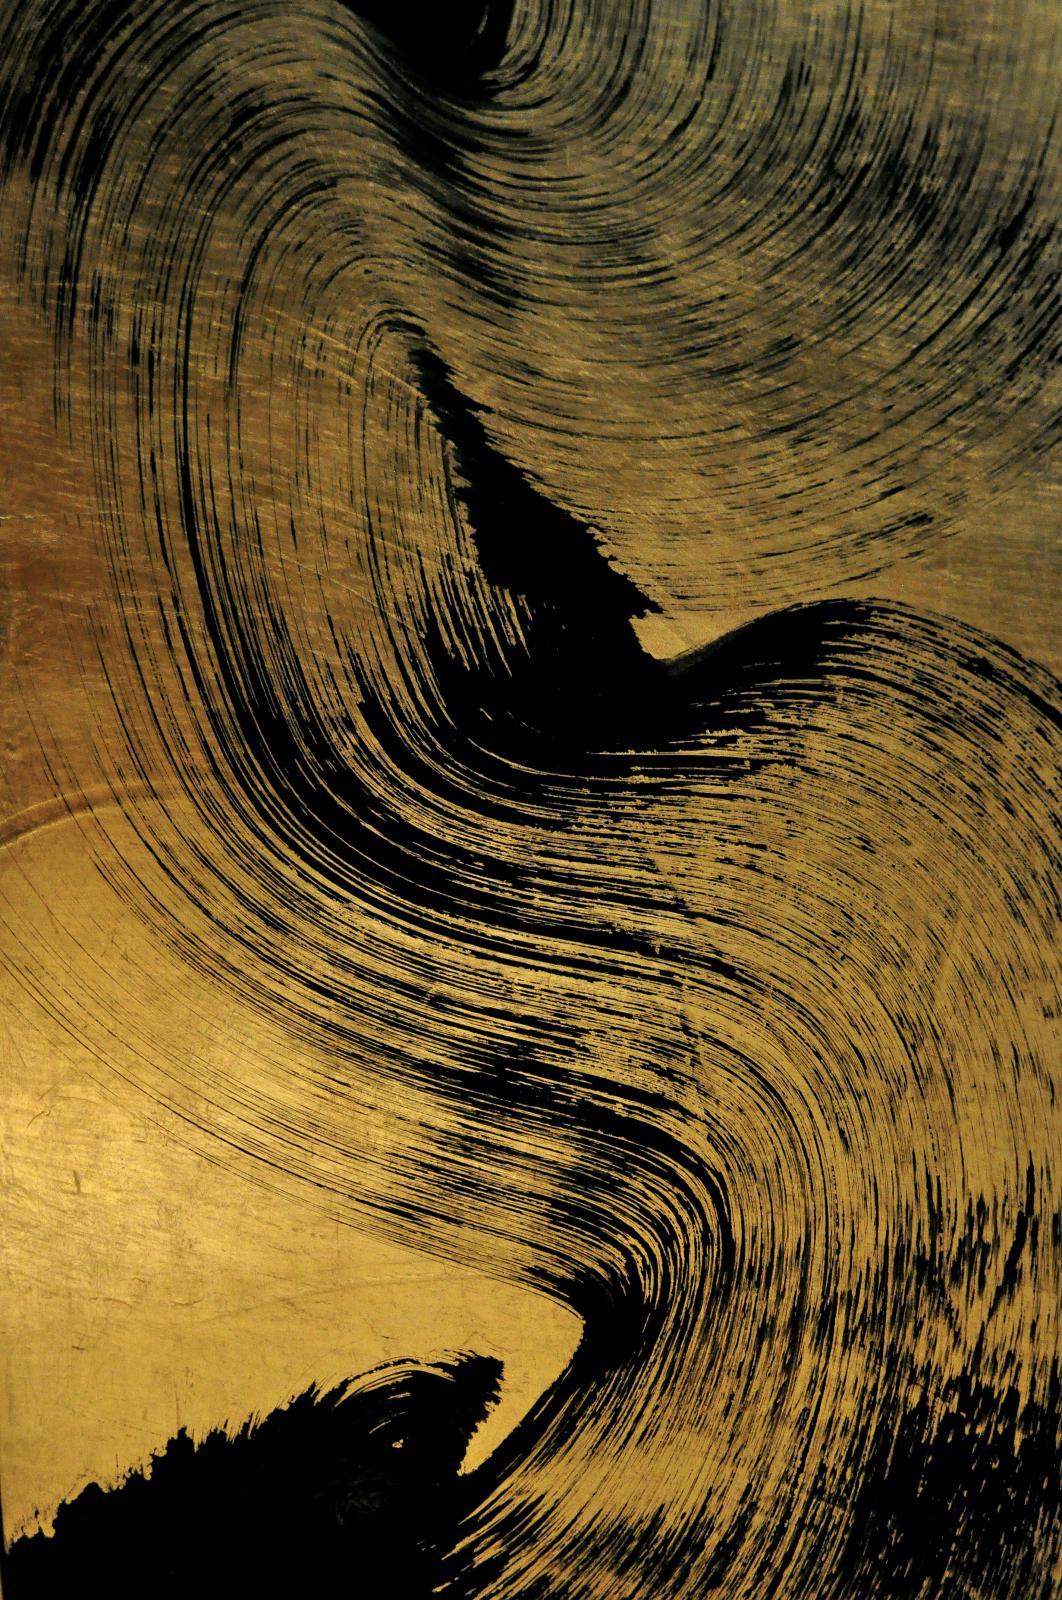 Jardin Hakusasonso de Kyoto, 2/4 Les Pierres (détail), feuilles d'or brunies et pigments noirs, 143x43x4cm. © Cecile-Guyenne